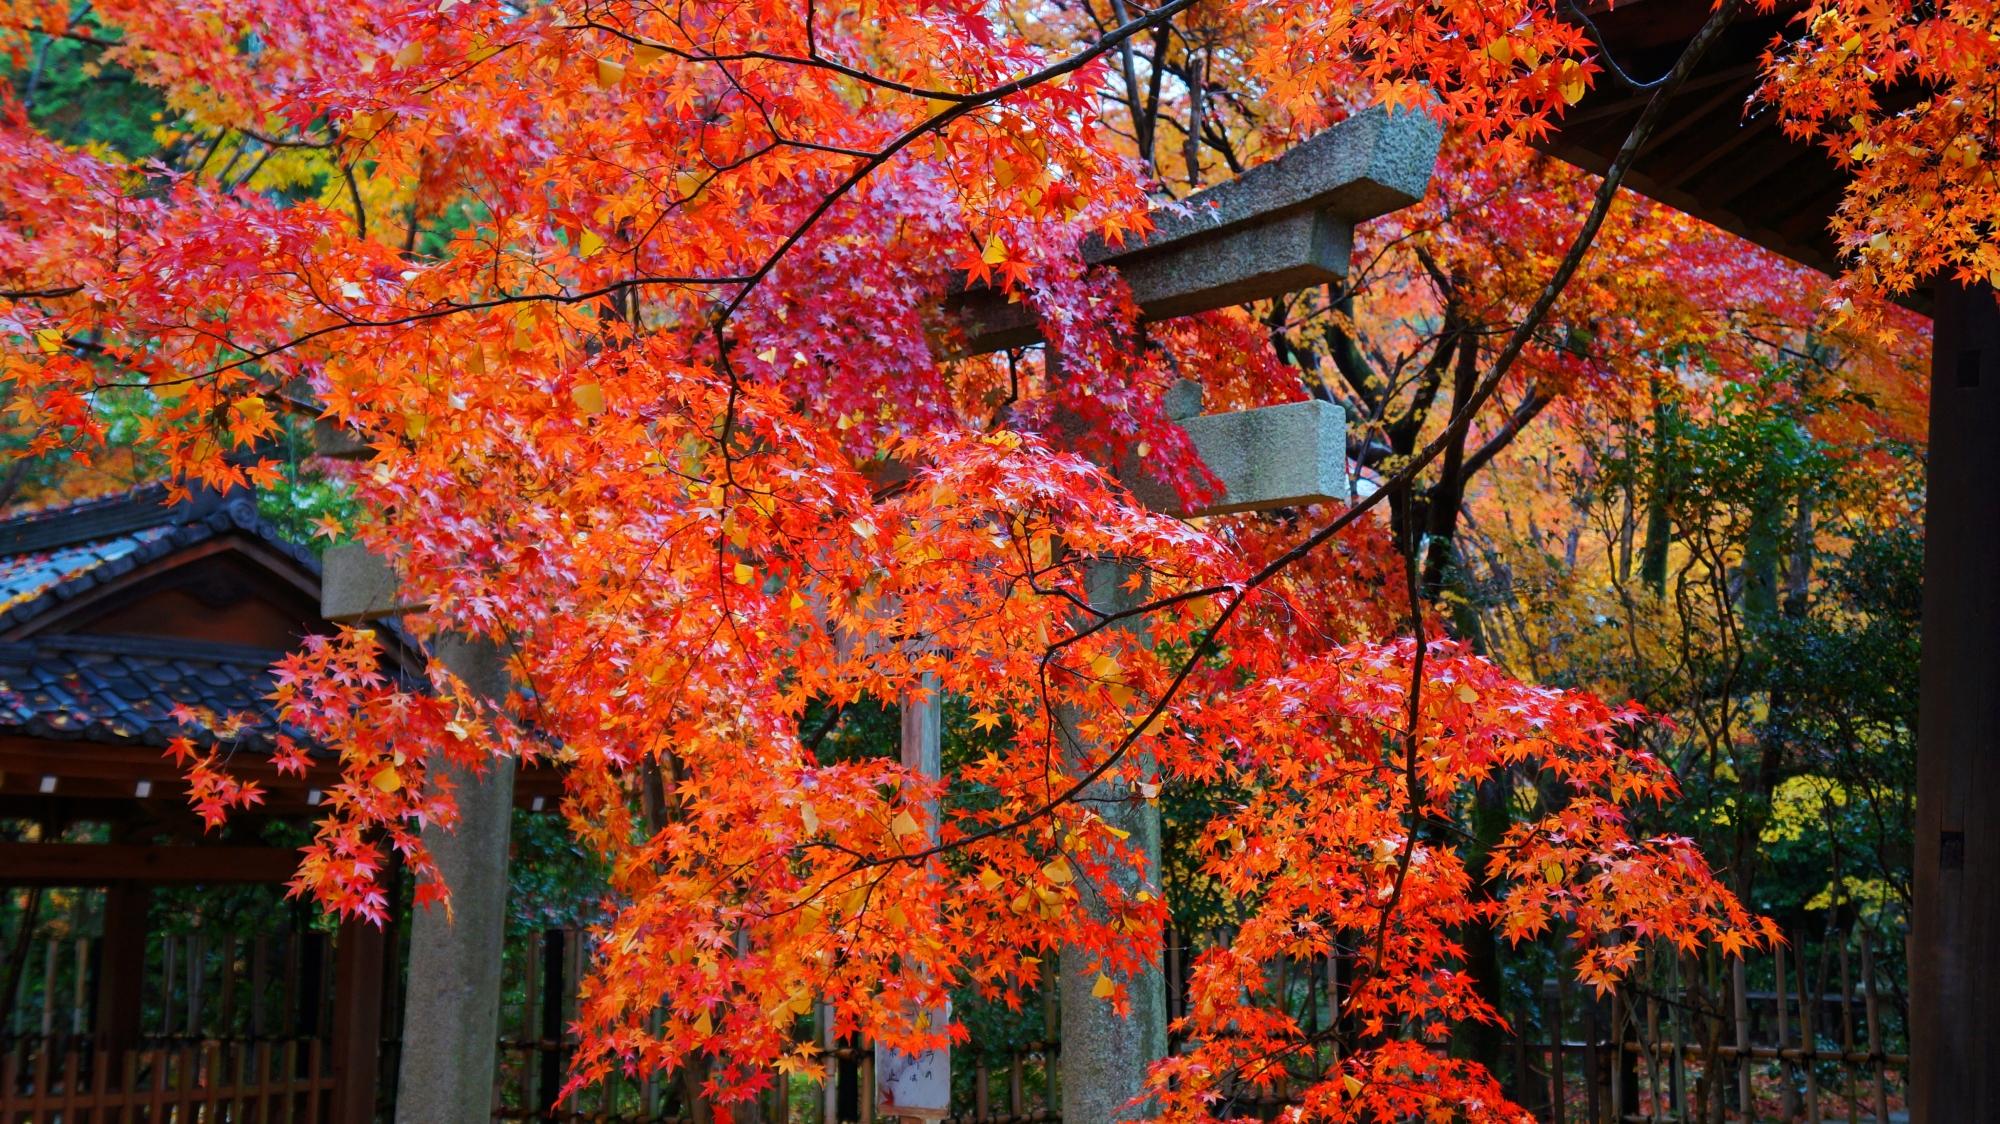 鳥居に降りかかる鮮やかな紅葉